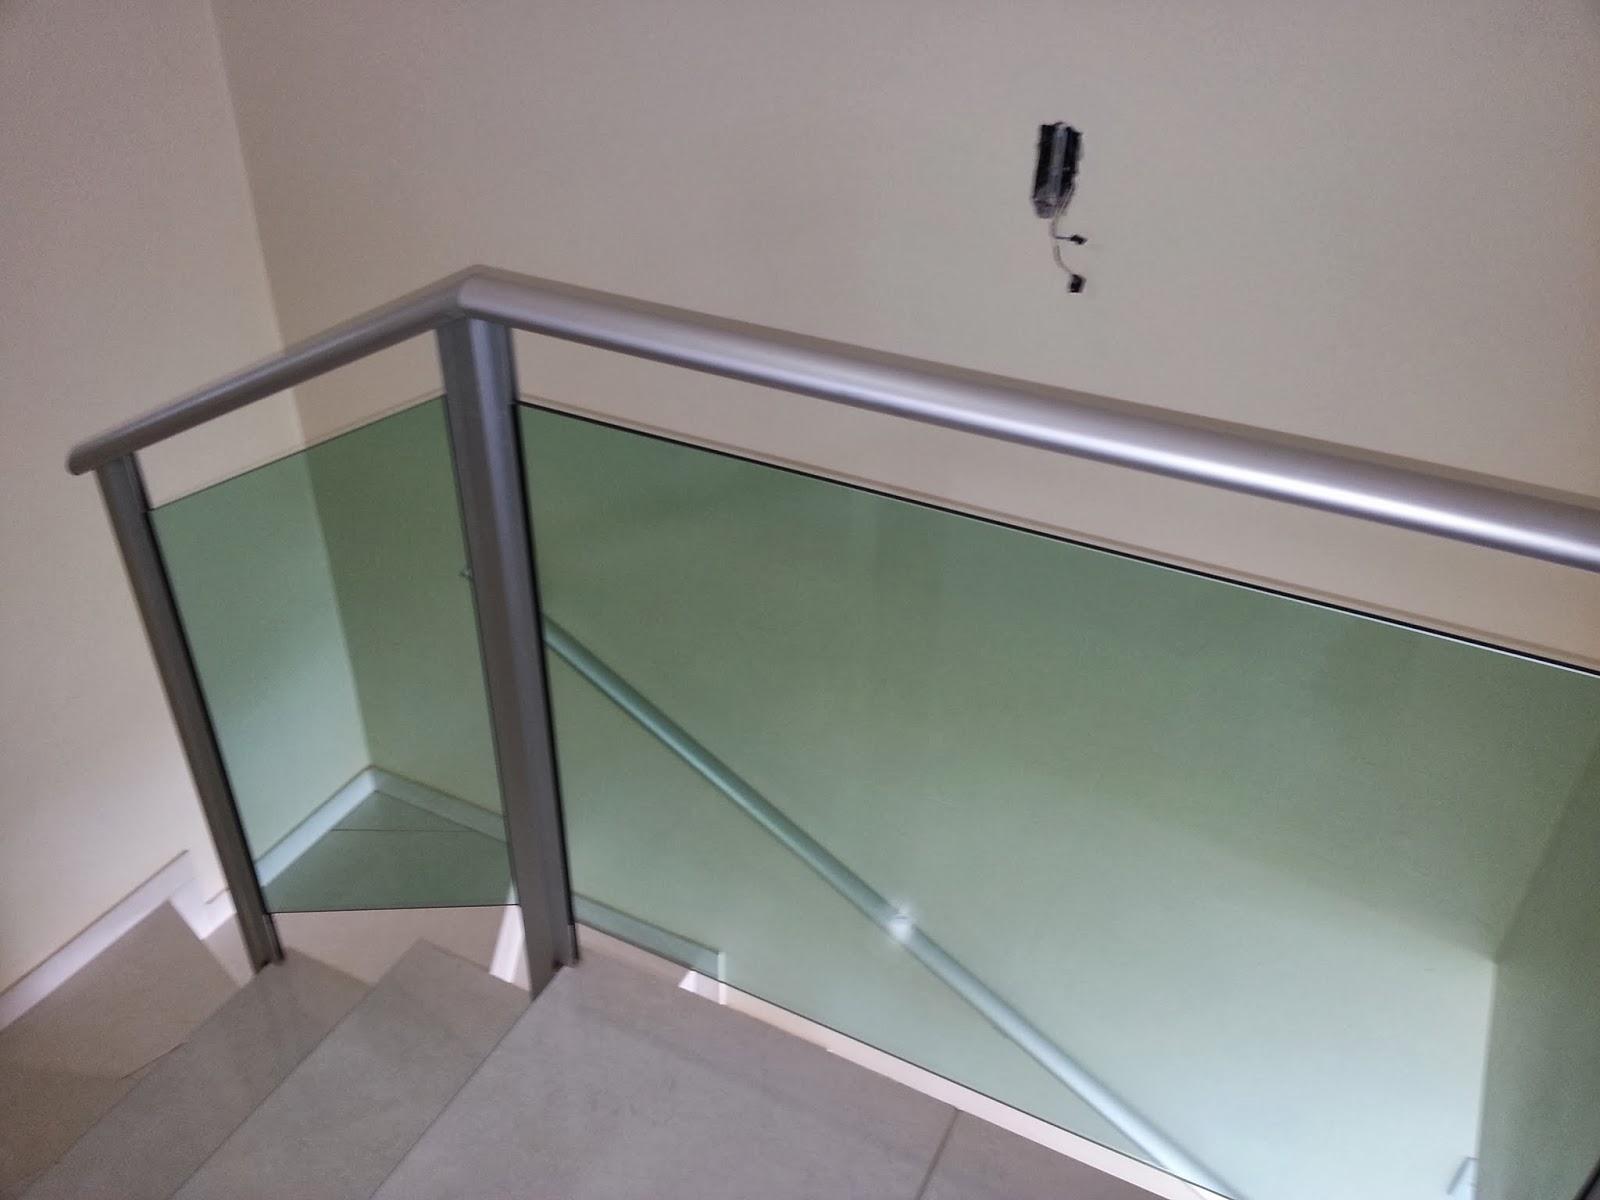 #576874  em alumínio natural fosco com vidro na cor verde — em Lajeado 732 Janelas Vidro Fosco